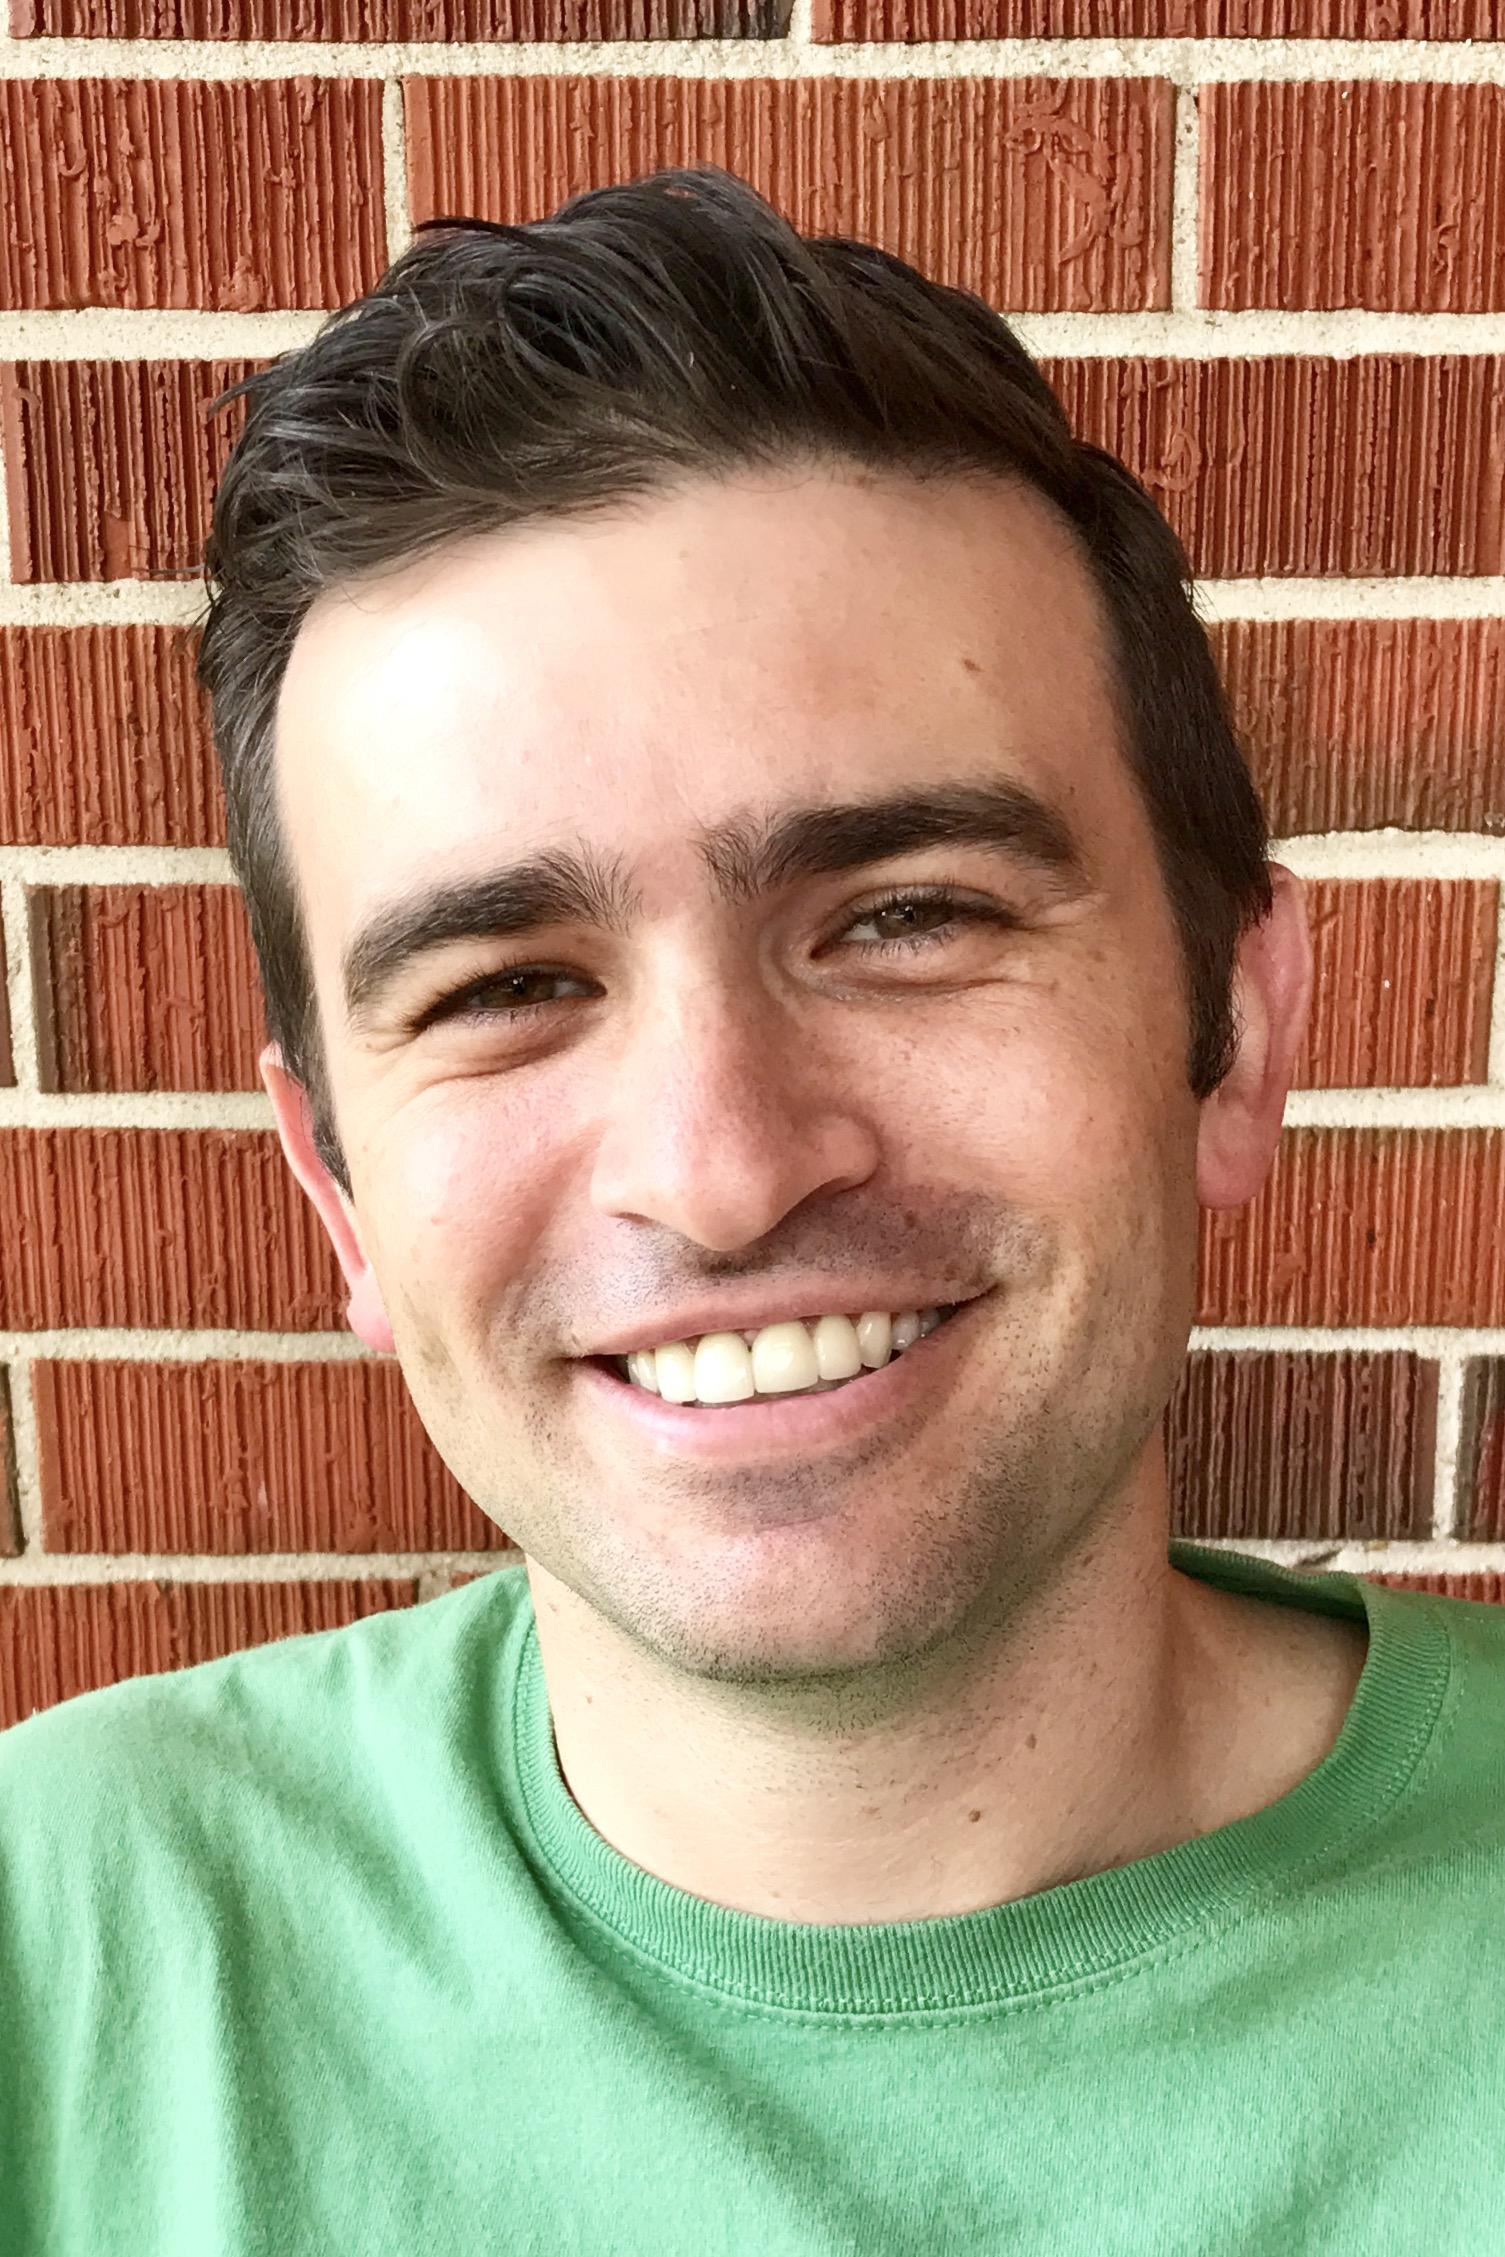 Ben Thompson, storyteller